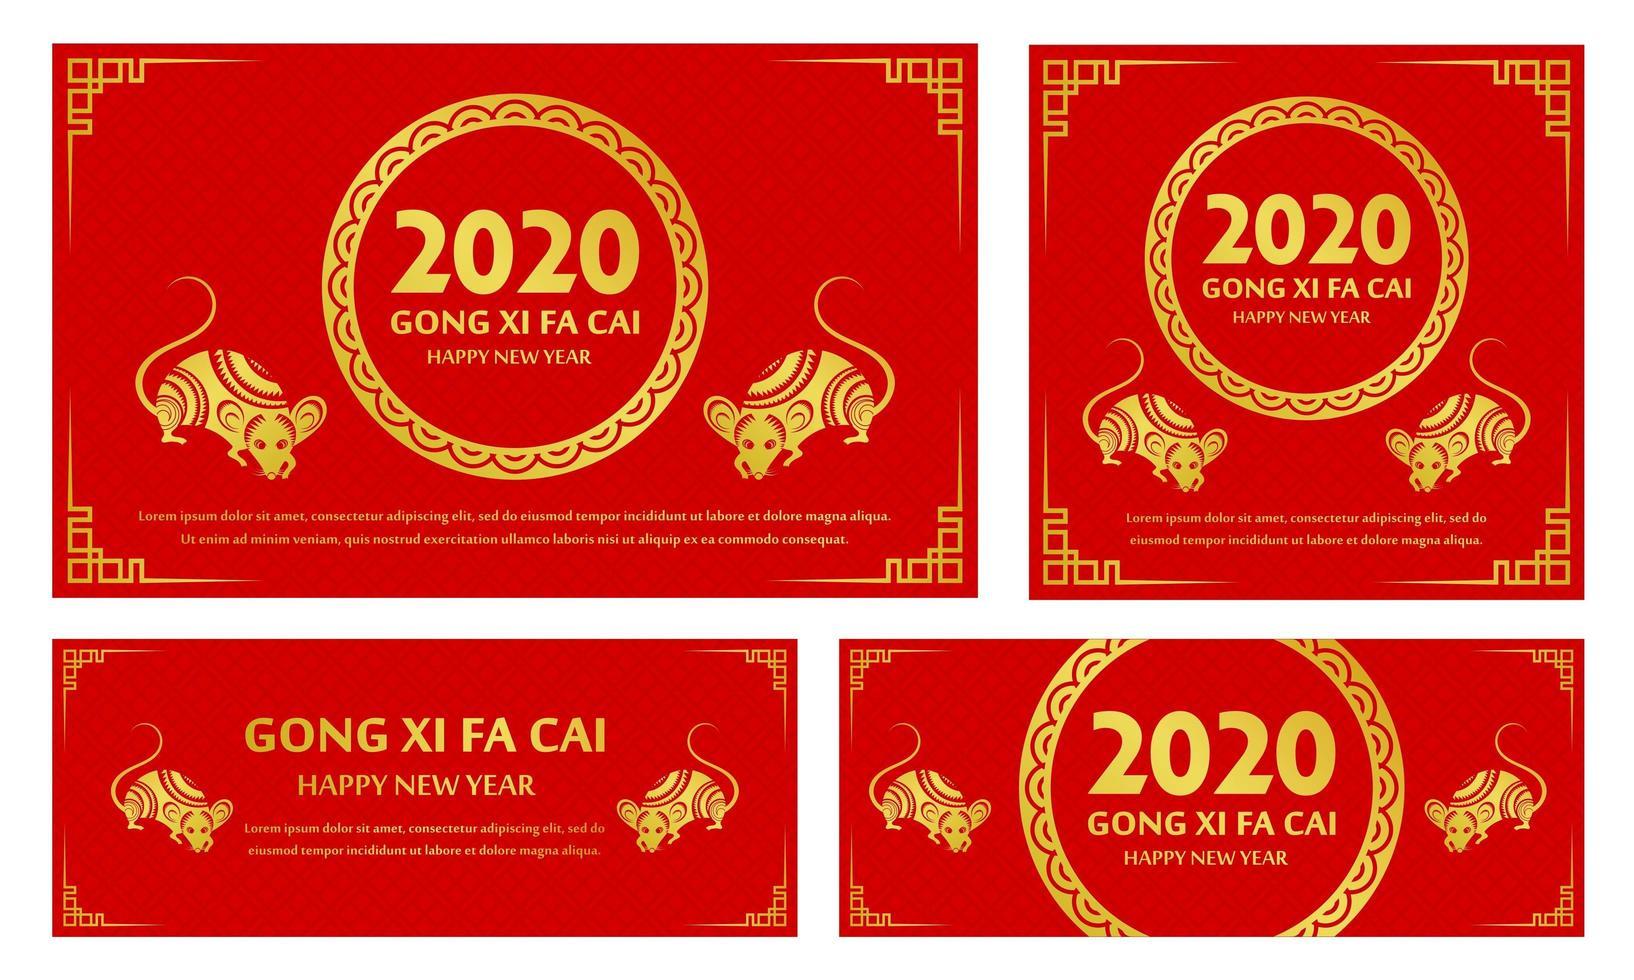 Nuovo anno cinese impostato con segno zodiacale cinese ratto d'oro e 2020 in cornice del cerchio